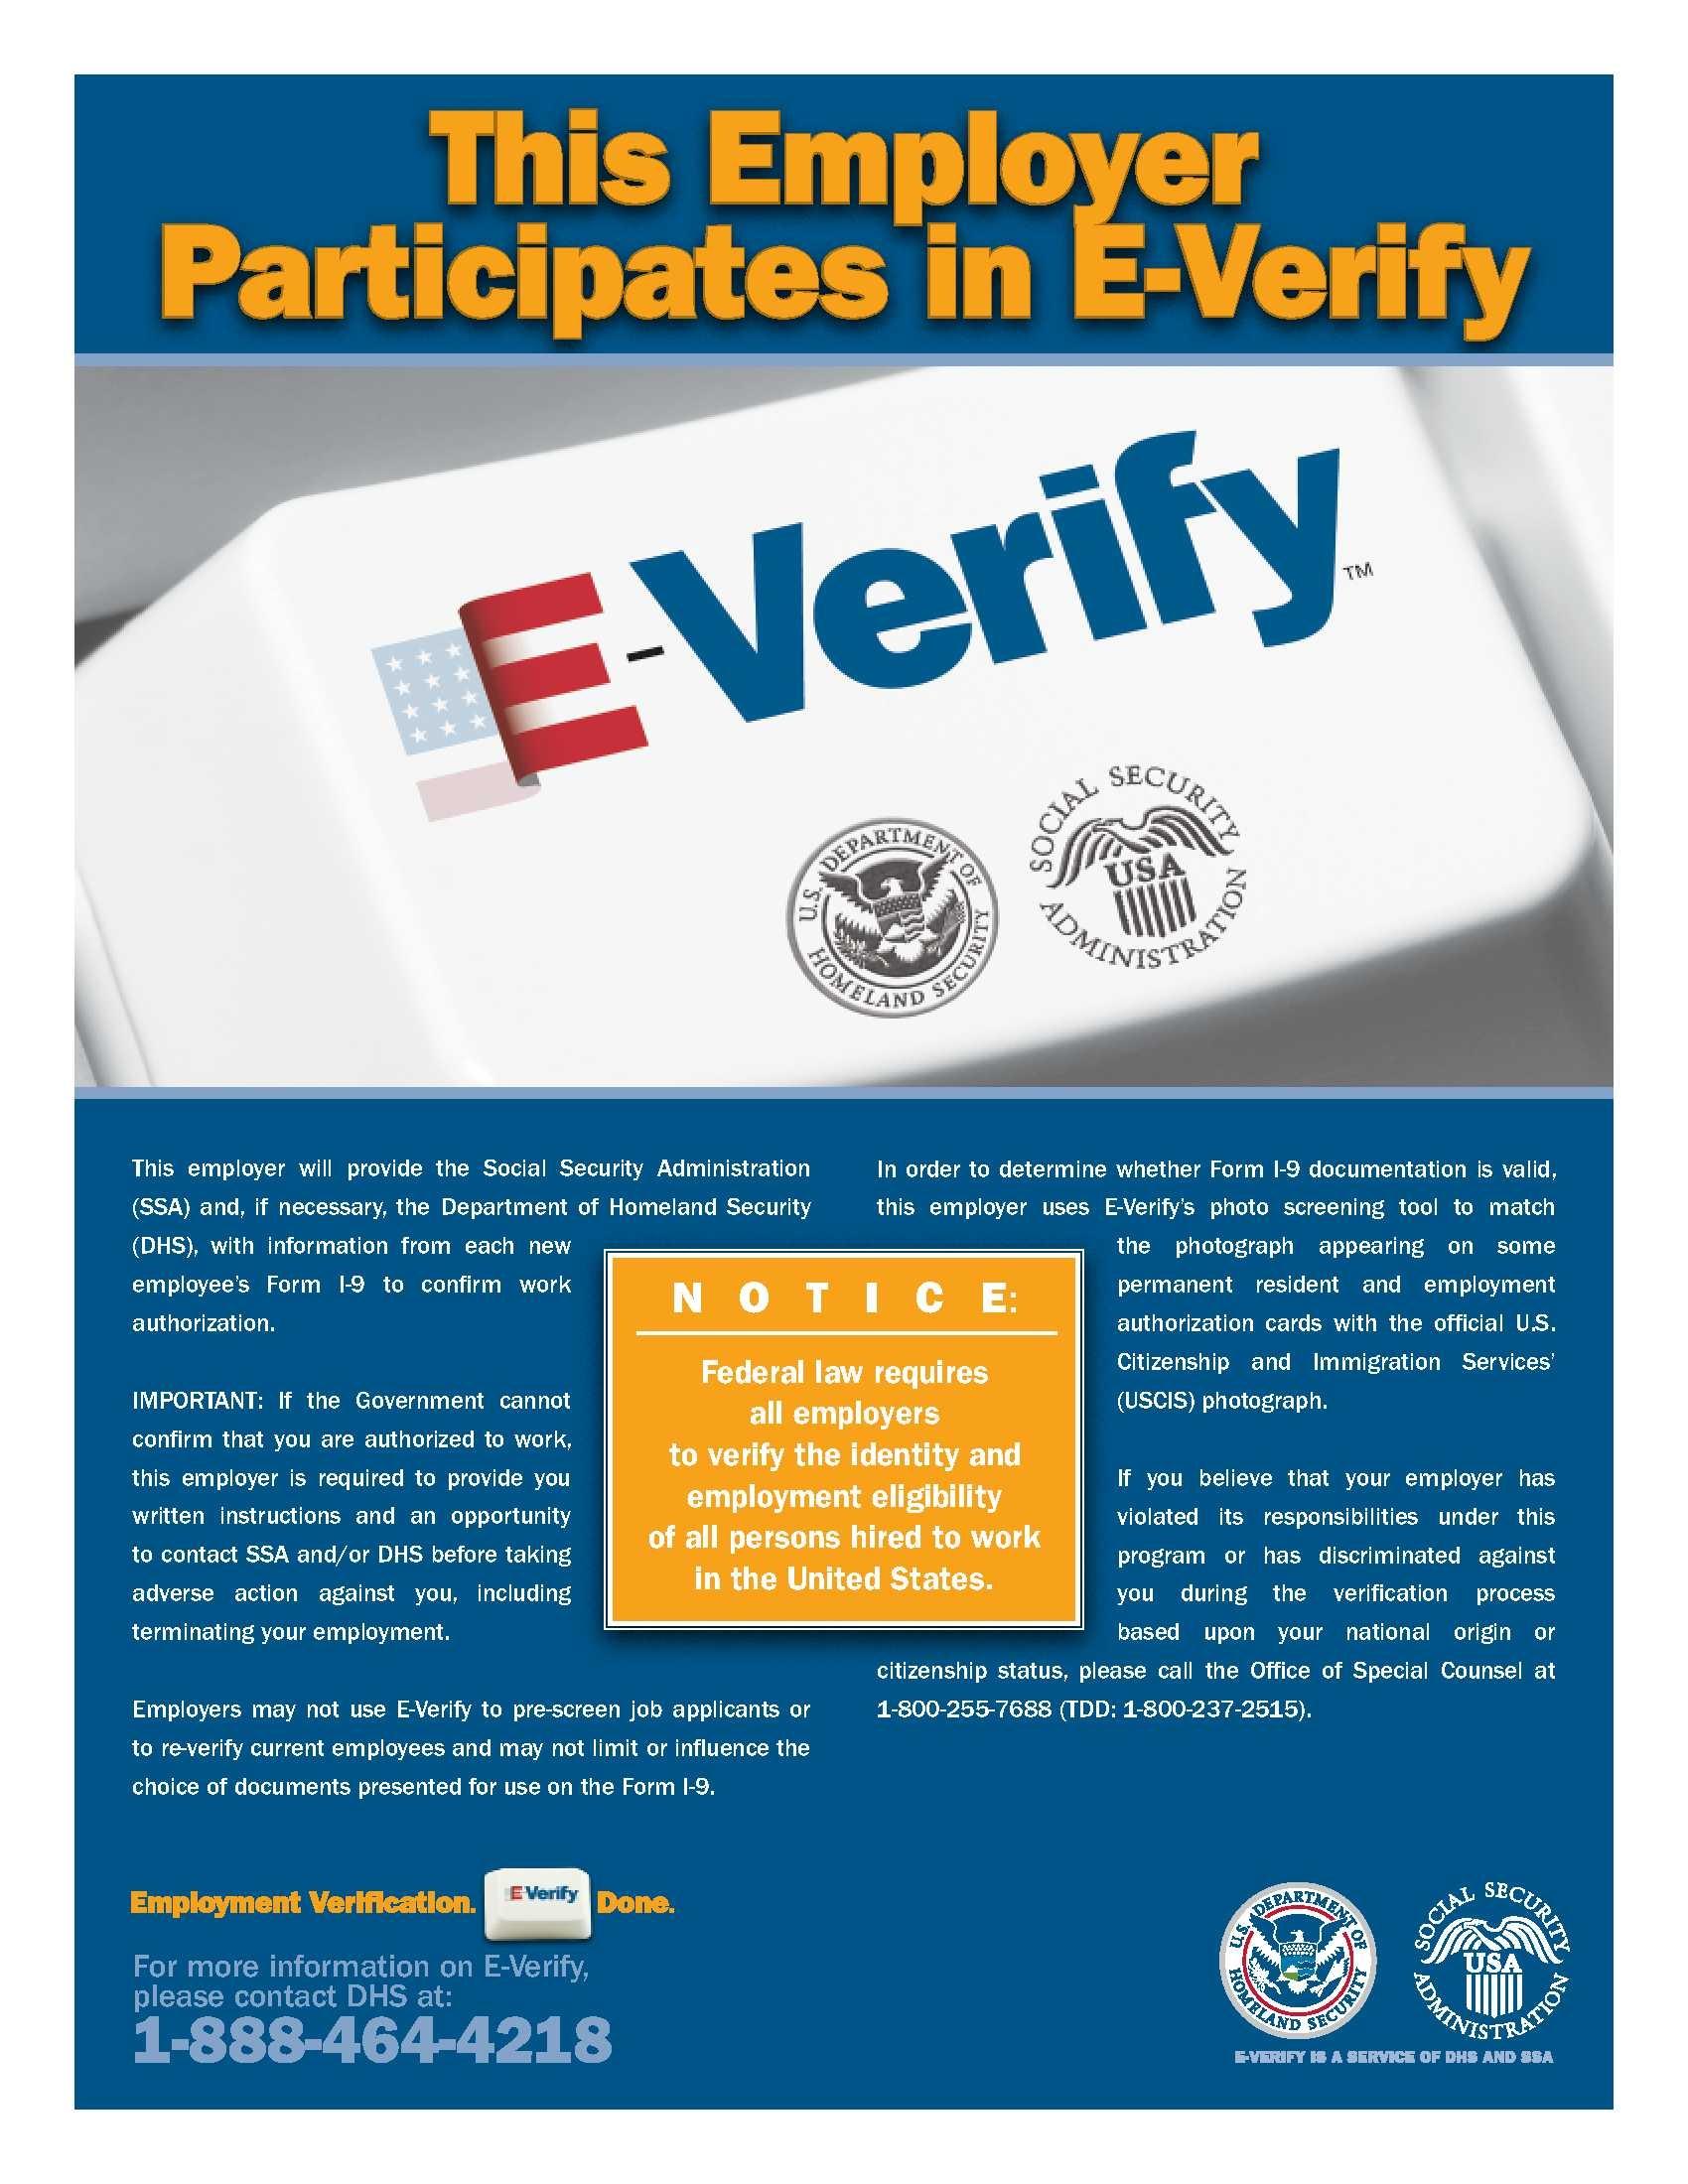 E-Verify Participation